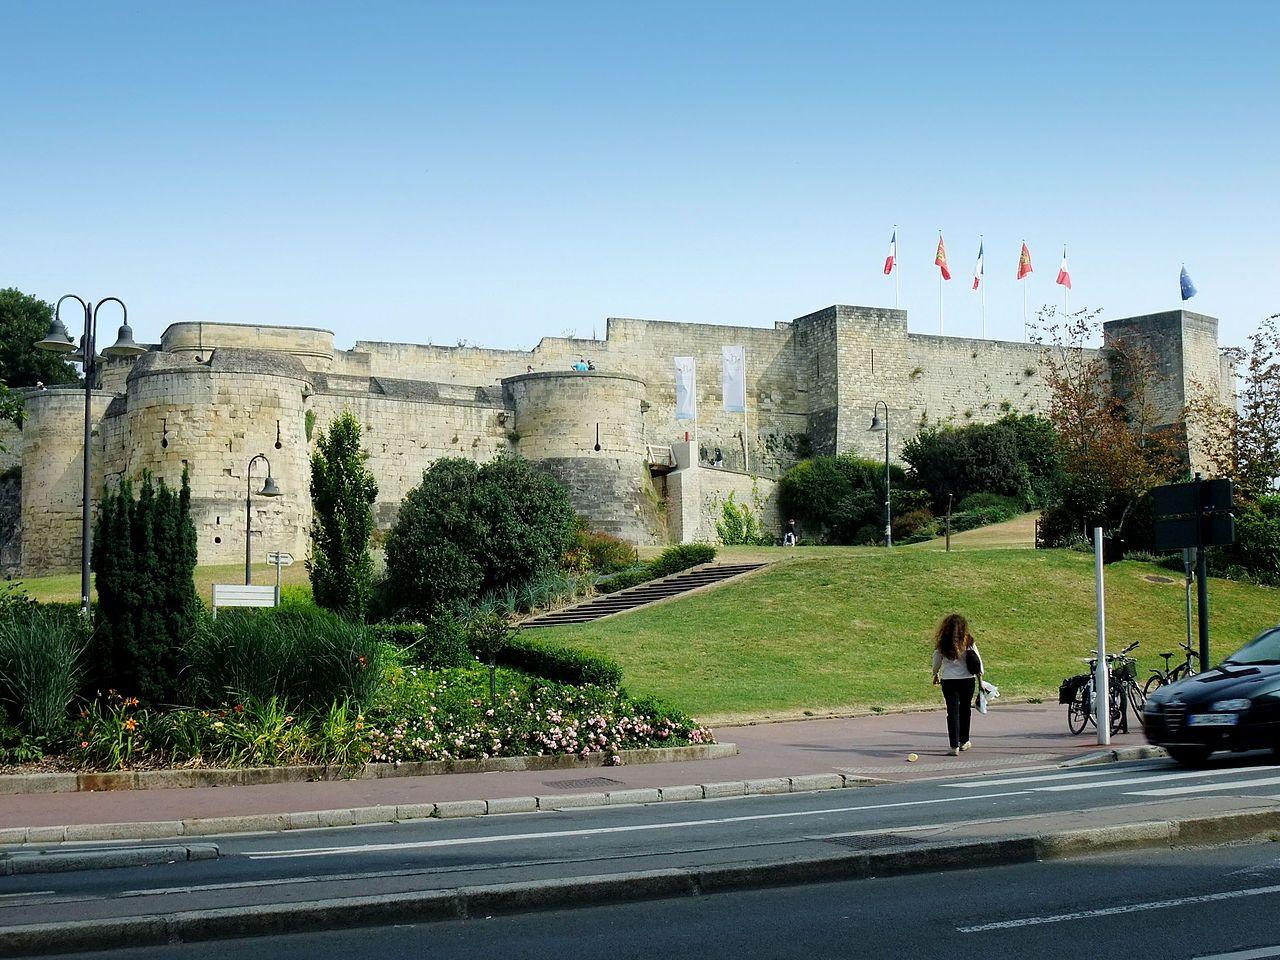 Calvados Le Chateau De Caen Est Un Ensemble Fortifie Du Centre Ville Ancien De Caen Fonde Vers 1060 Par Guillaume Le Con Chateau France Chateau Chateau Fort